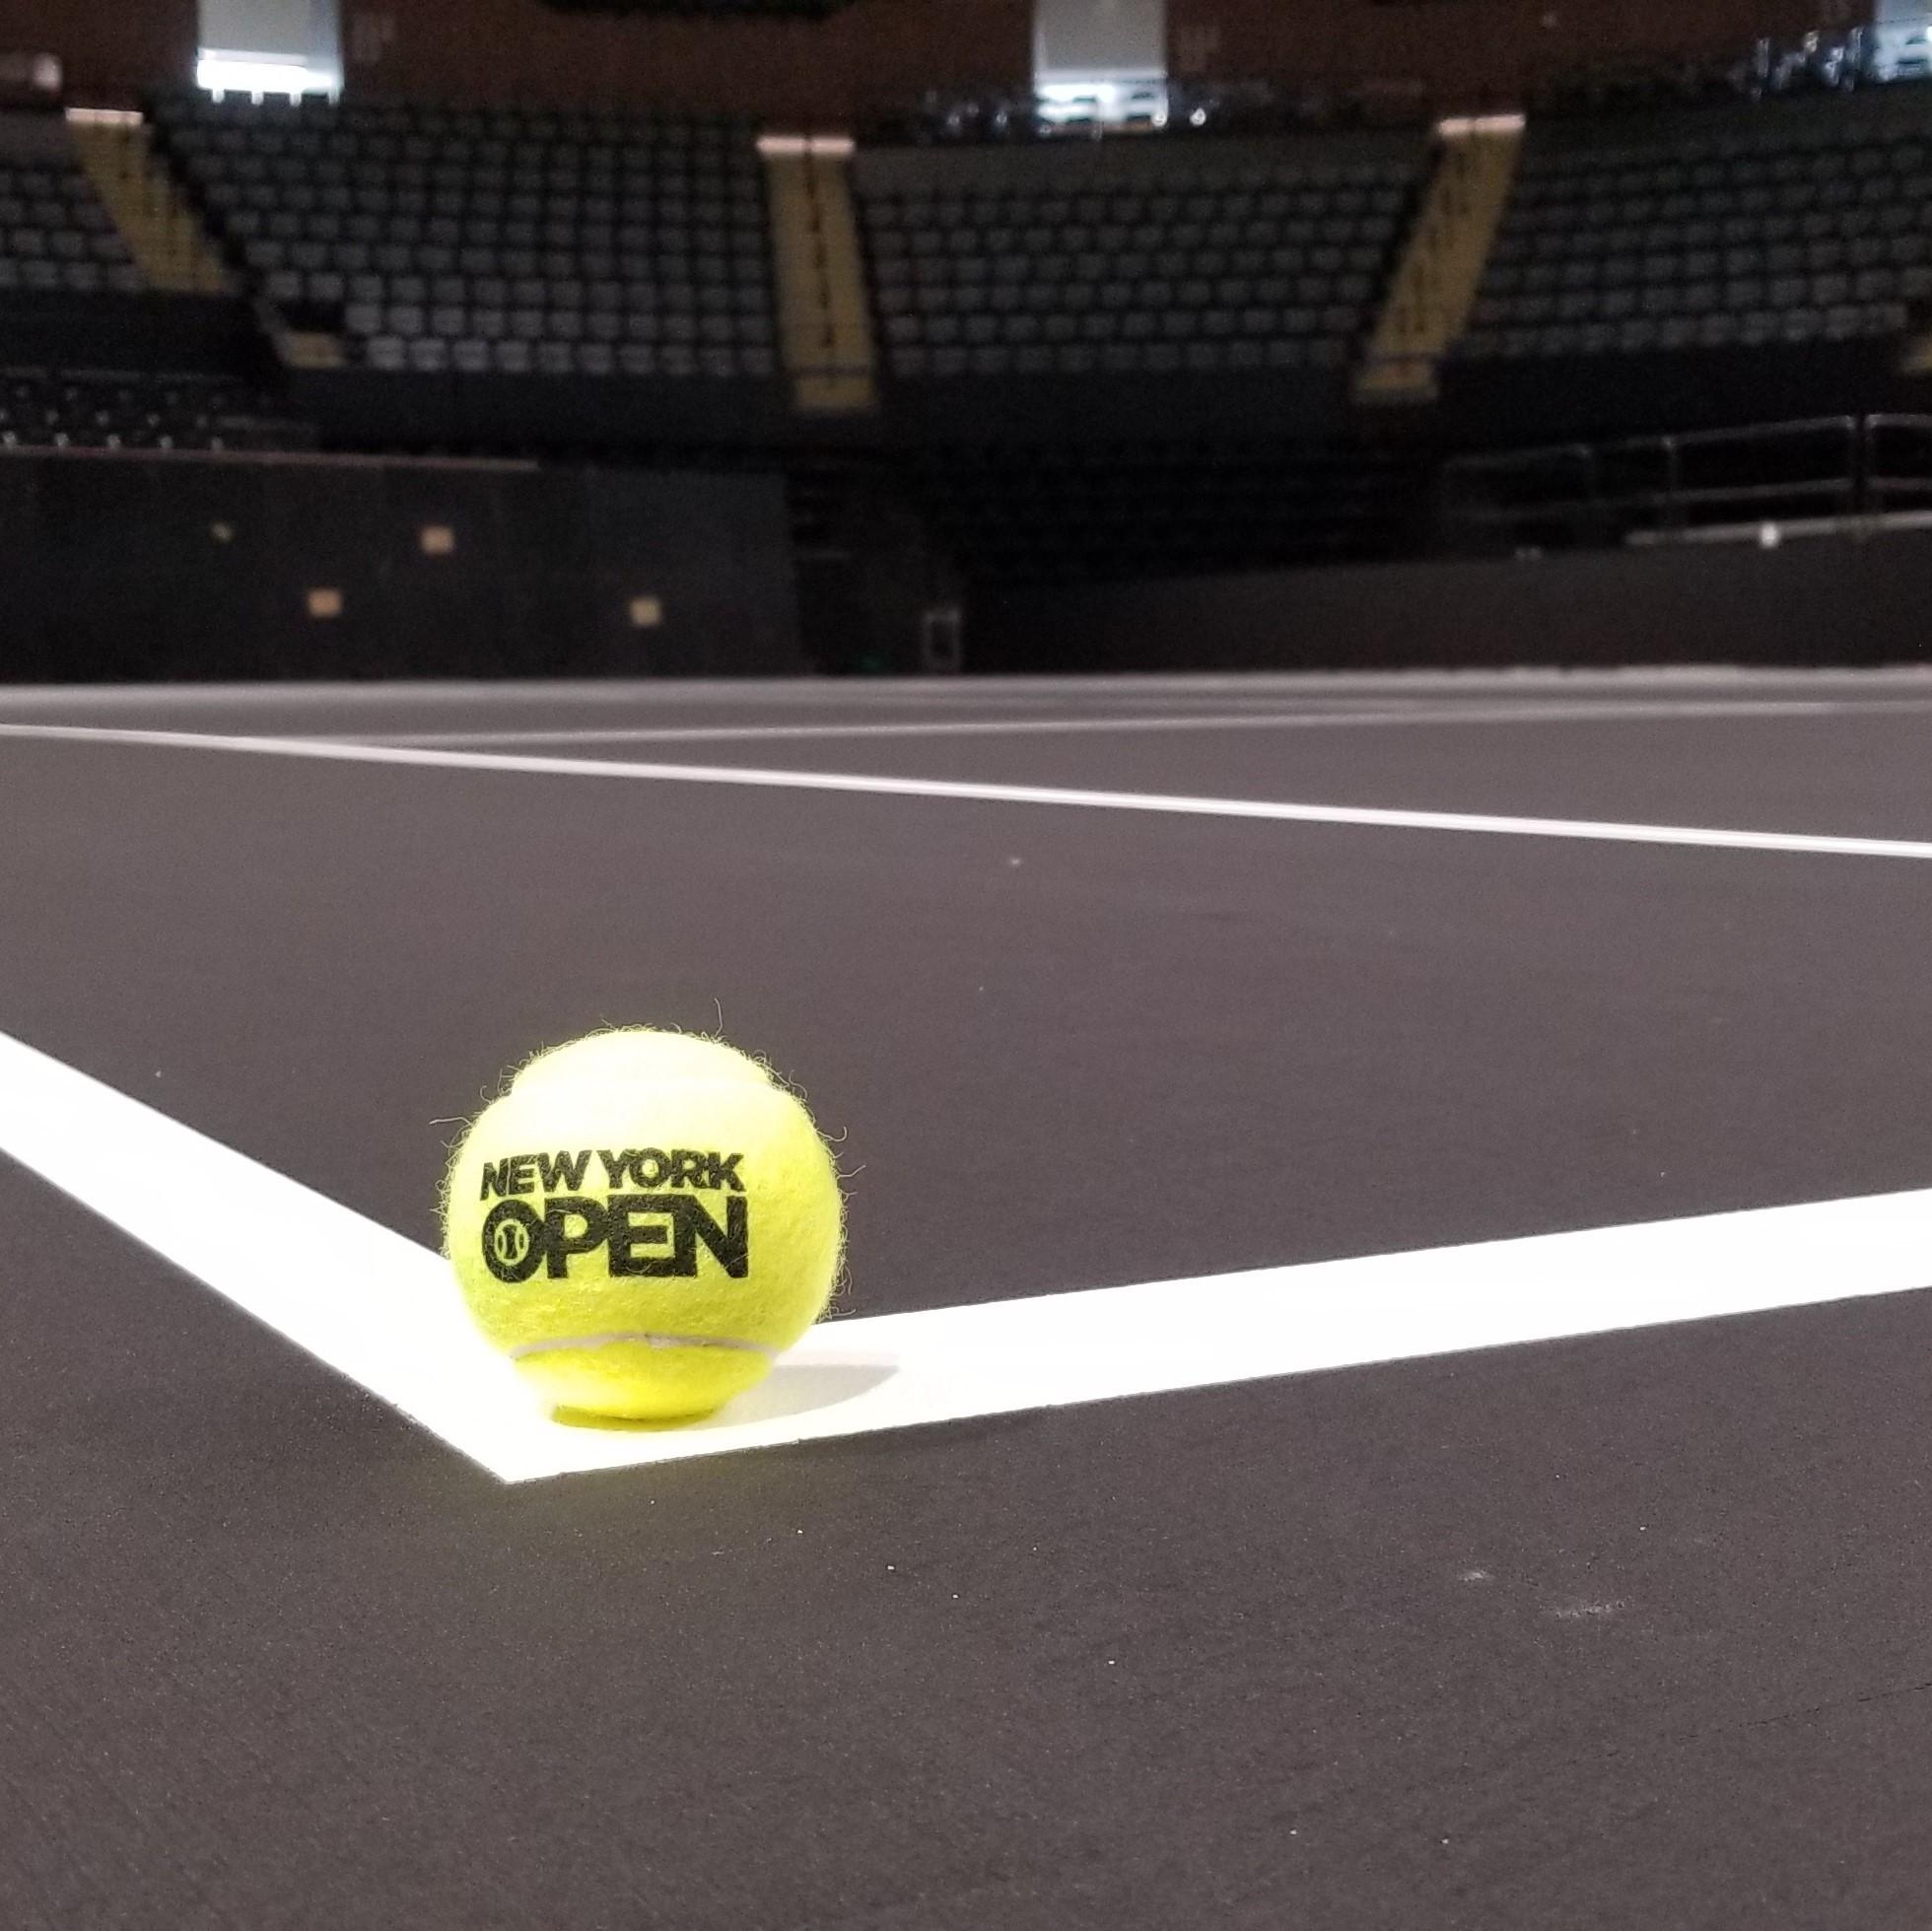 NY Open Laykold Masters Rome 1.jpg